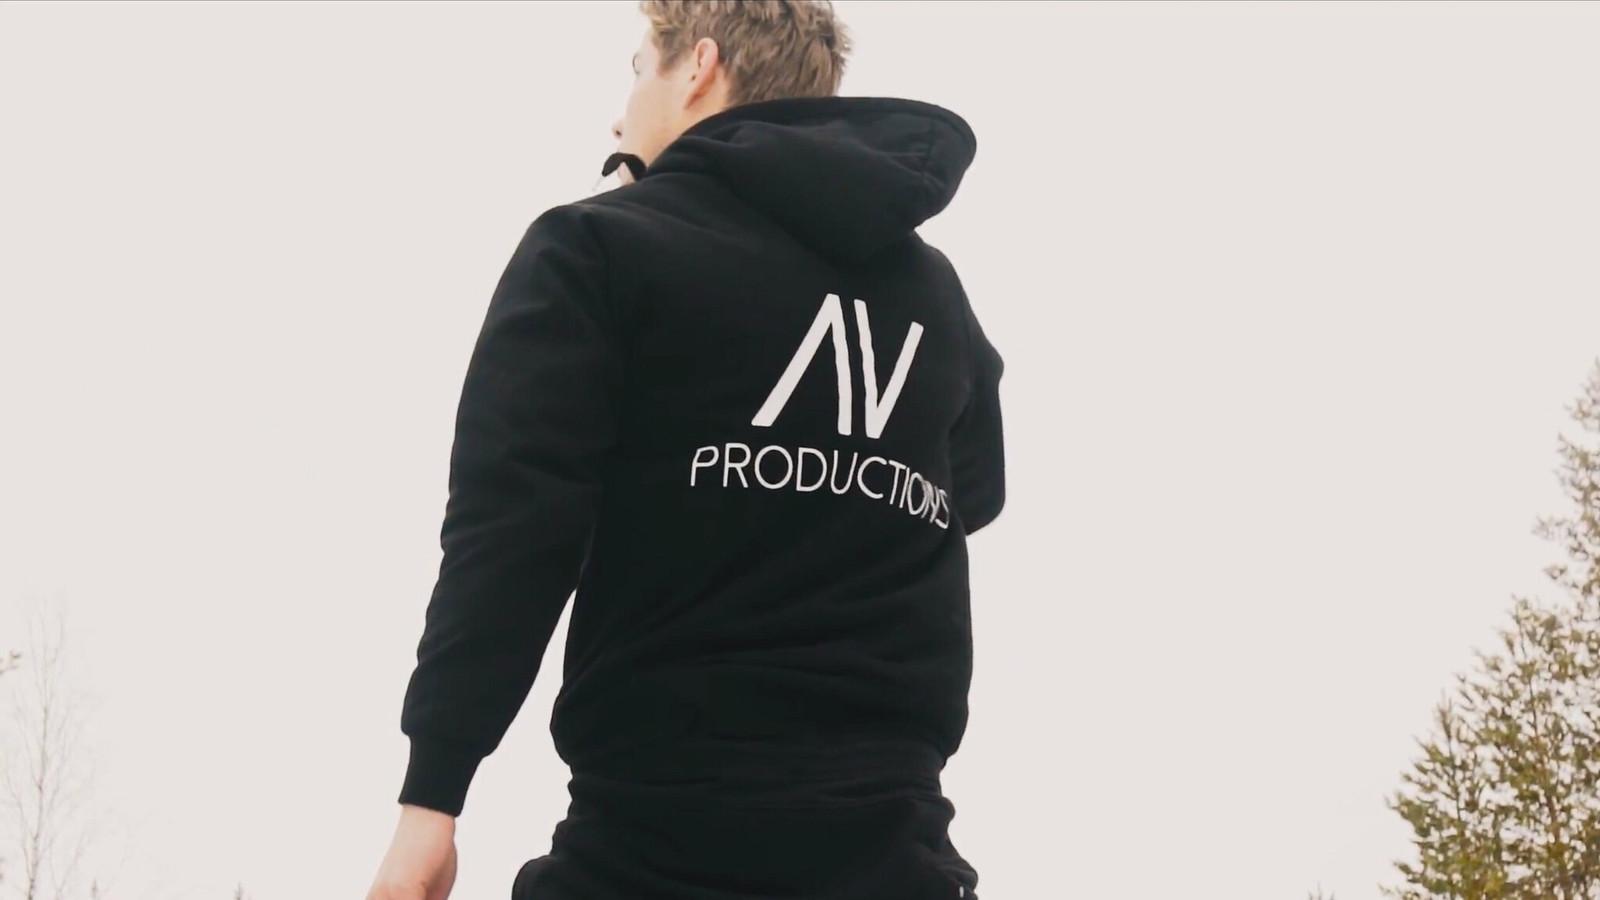 AVProd